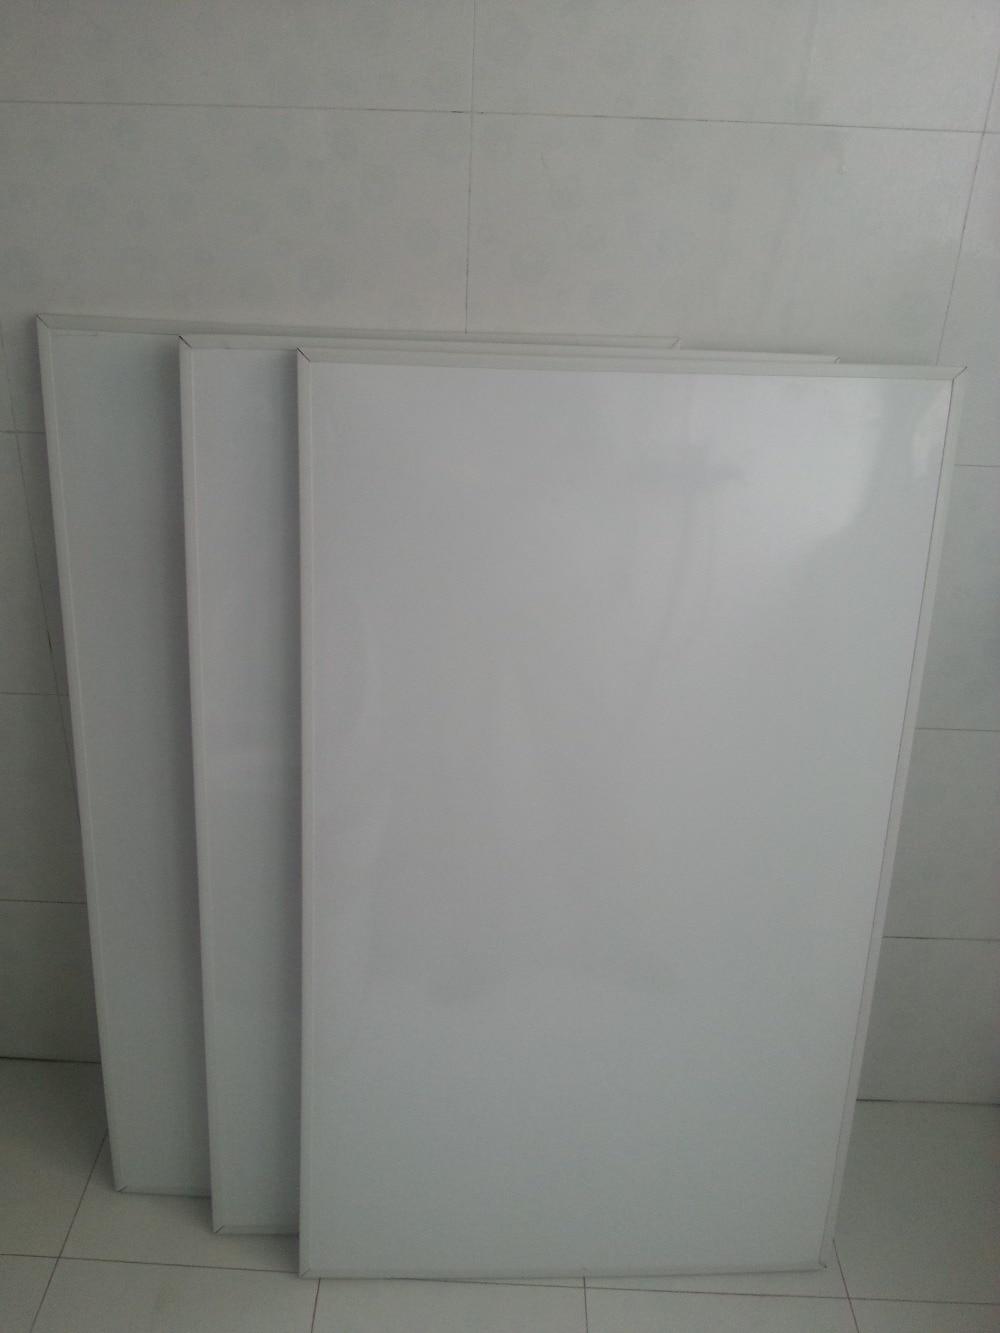 YC6-8,6 PCS / shumë, Me cilësi të lartë, mur të ngrohtë, - Pajisje shtëpiake - Foto 4